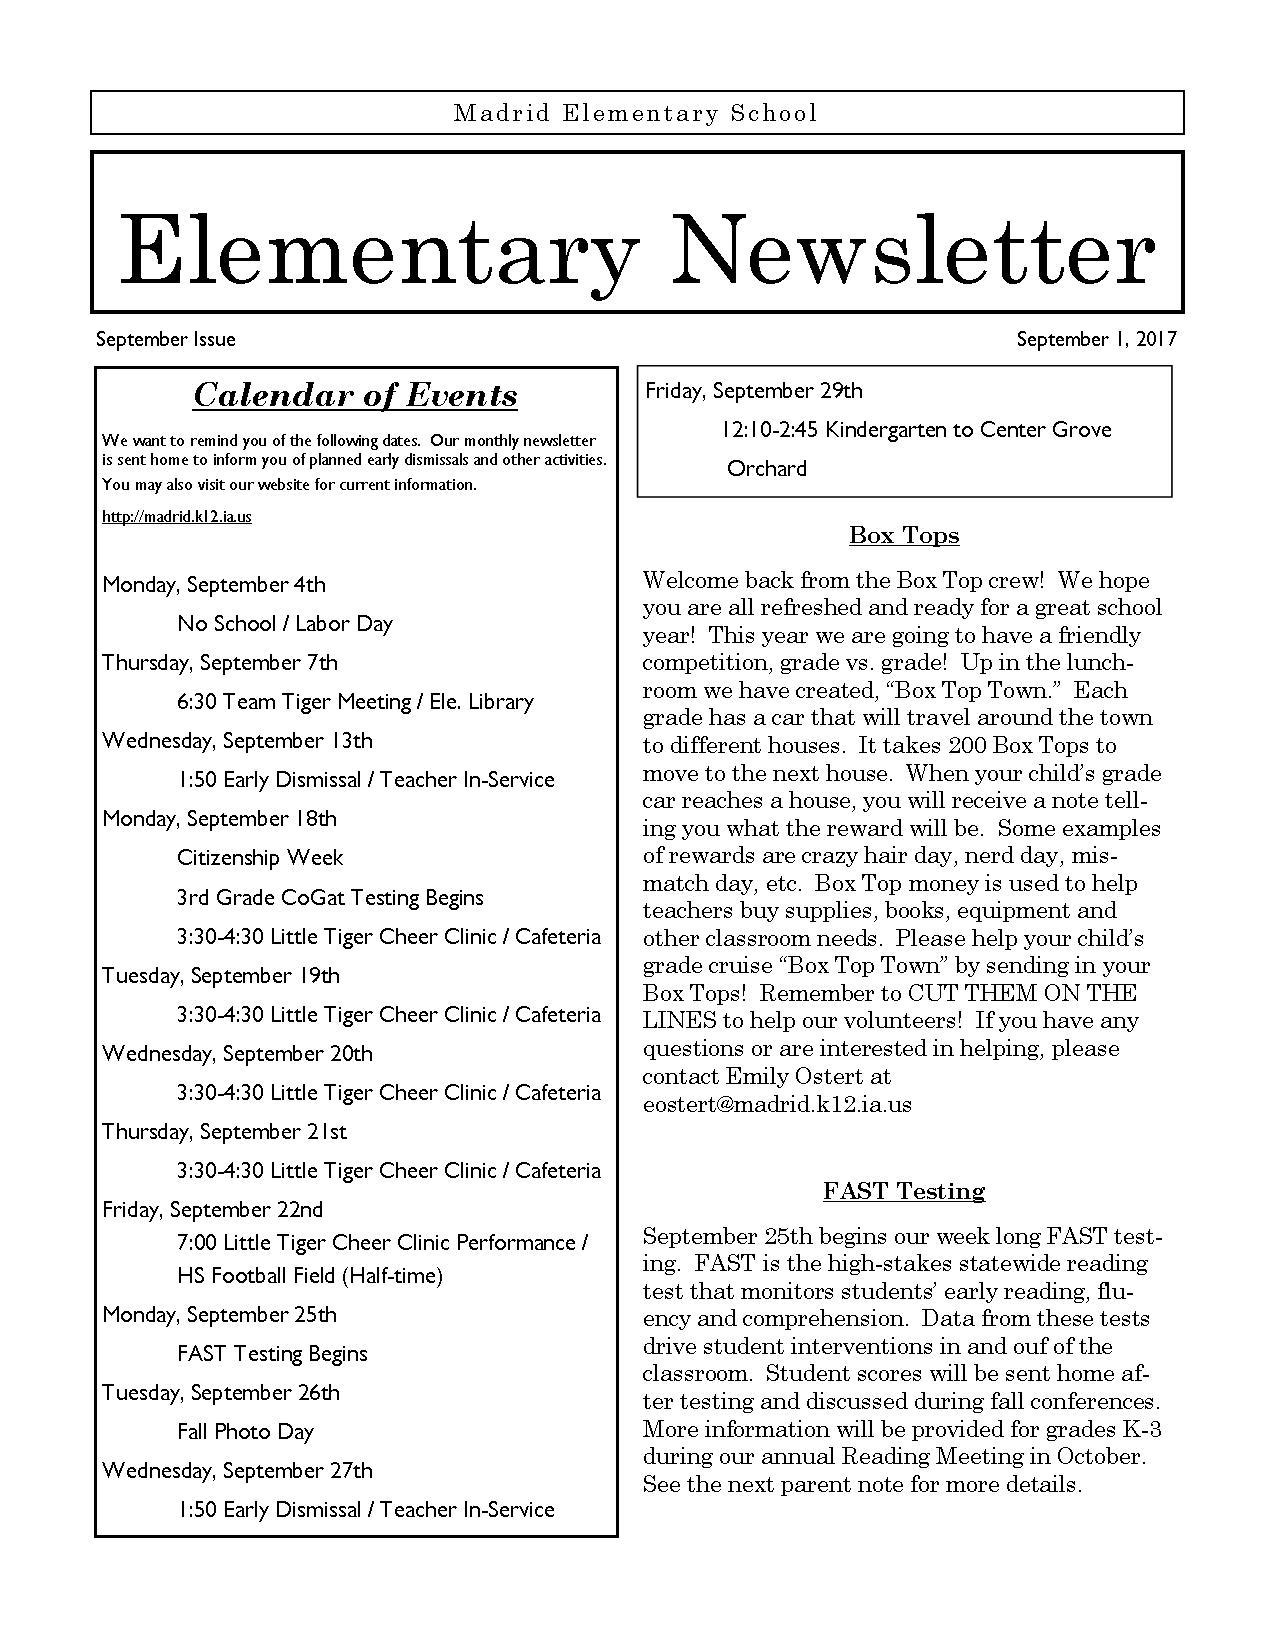 elementary newsletter newsletter madrid elementary school